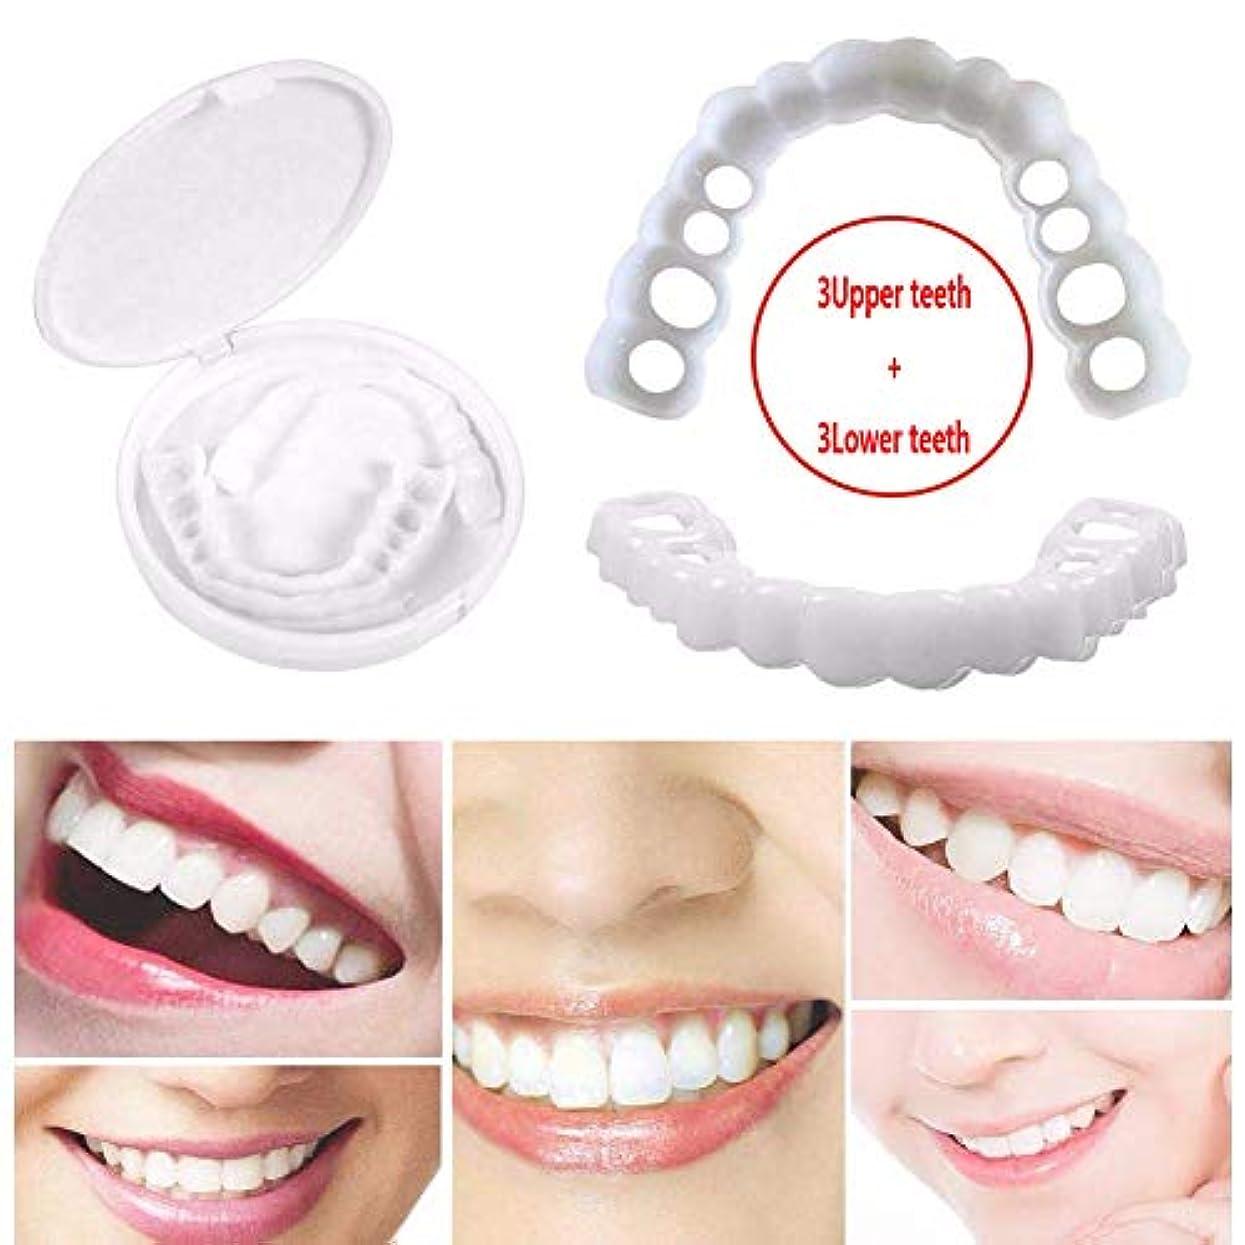 ビザ正当な長くする3組の一時的な歯の白くなること、一時的な化粧品の歯の義歯の化粧品は収納箱が付いているブレースを模倣しました,3upperteeth+3lowerteeth